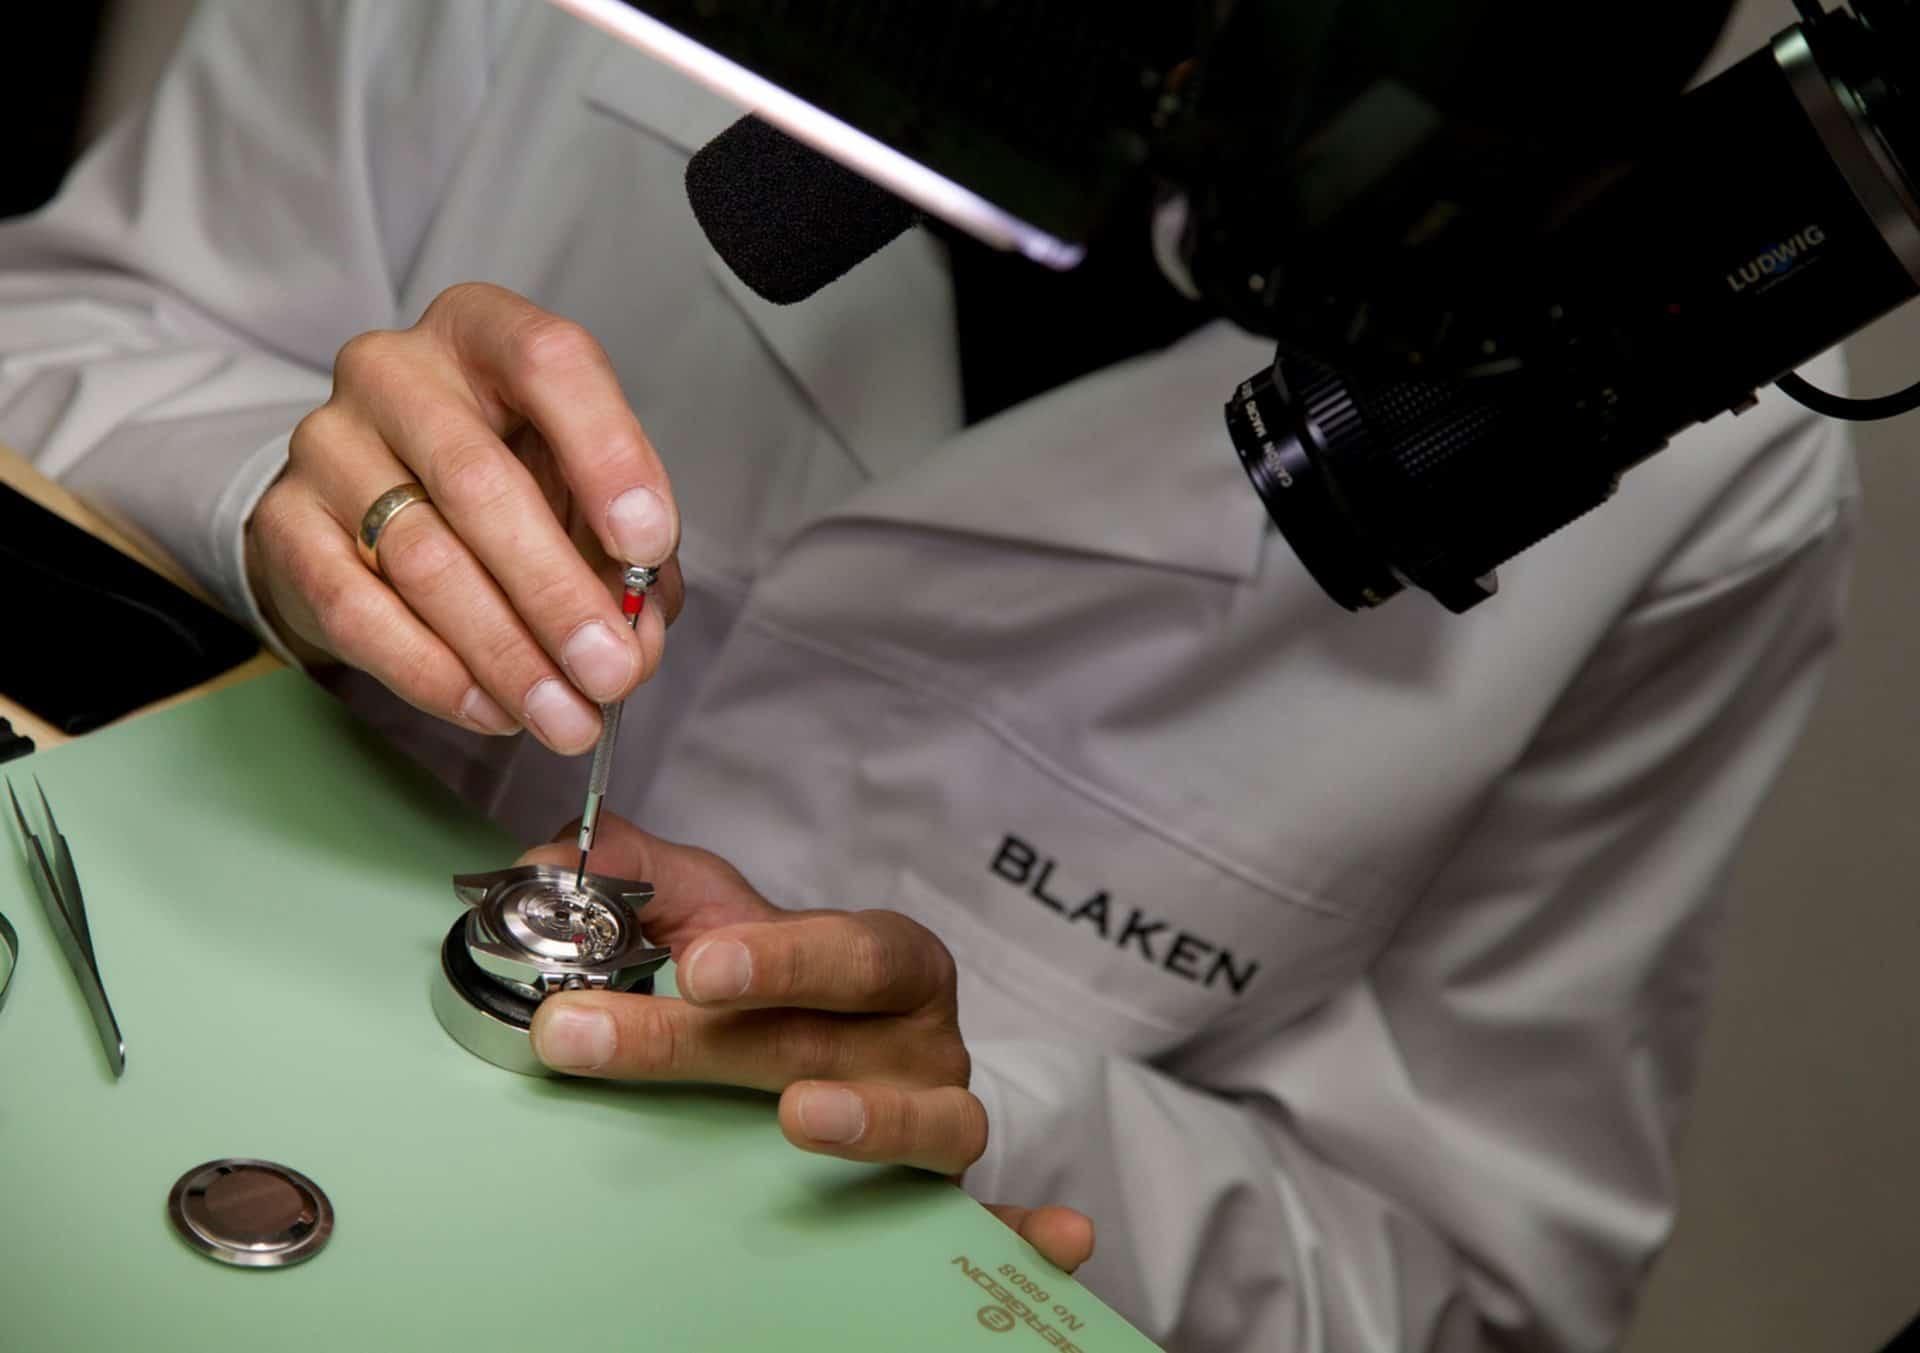 Blaken Manufaktur: Montage eines Uhrwerks im Gehäuse